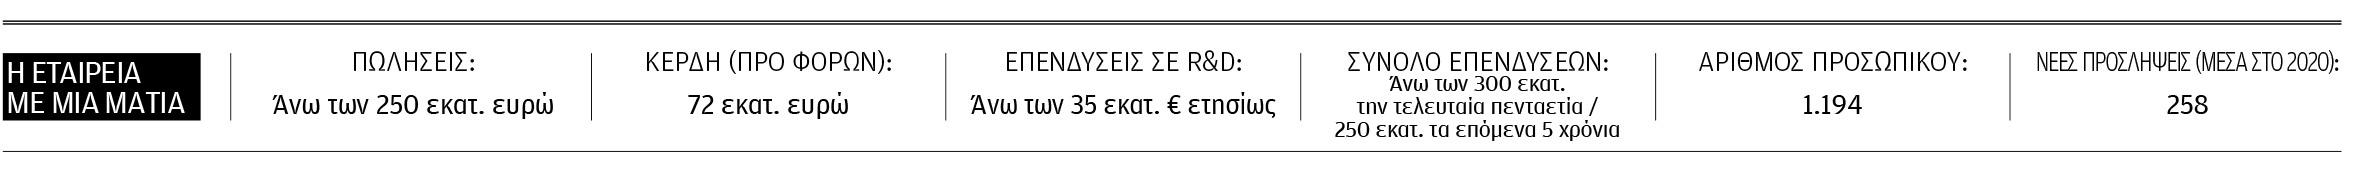 dimitris-kadis-i-ellada-einai-etoimi-na-allaxei-pros-to-kalytero1